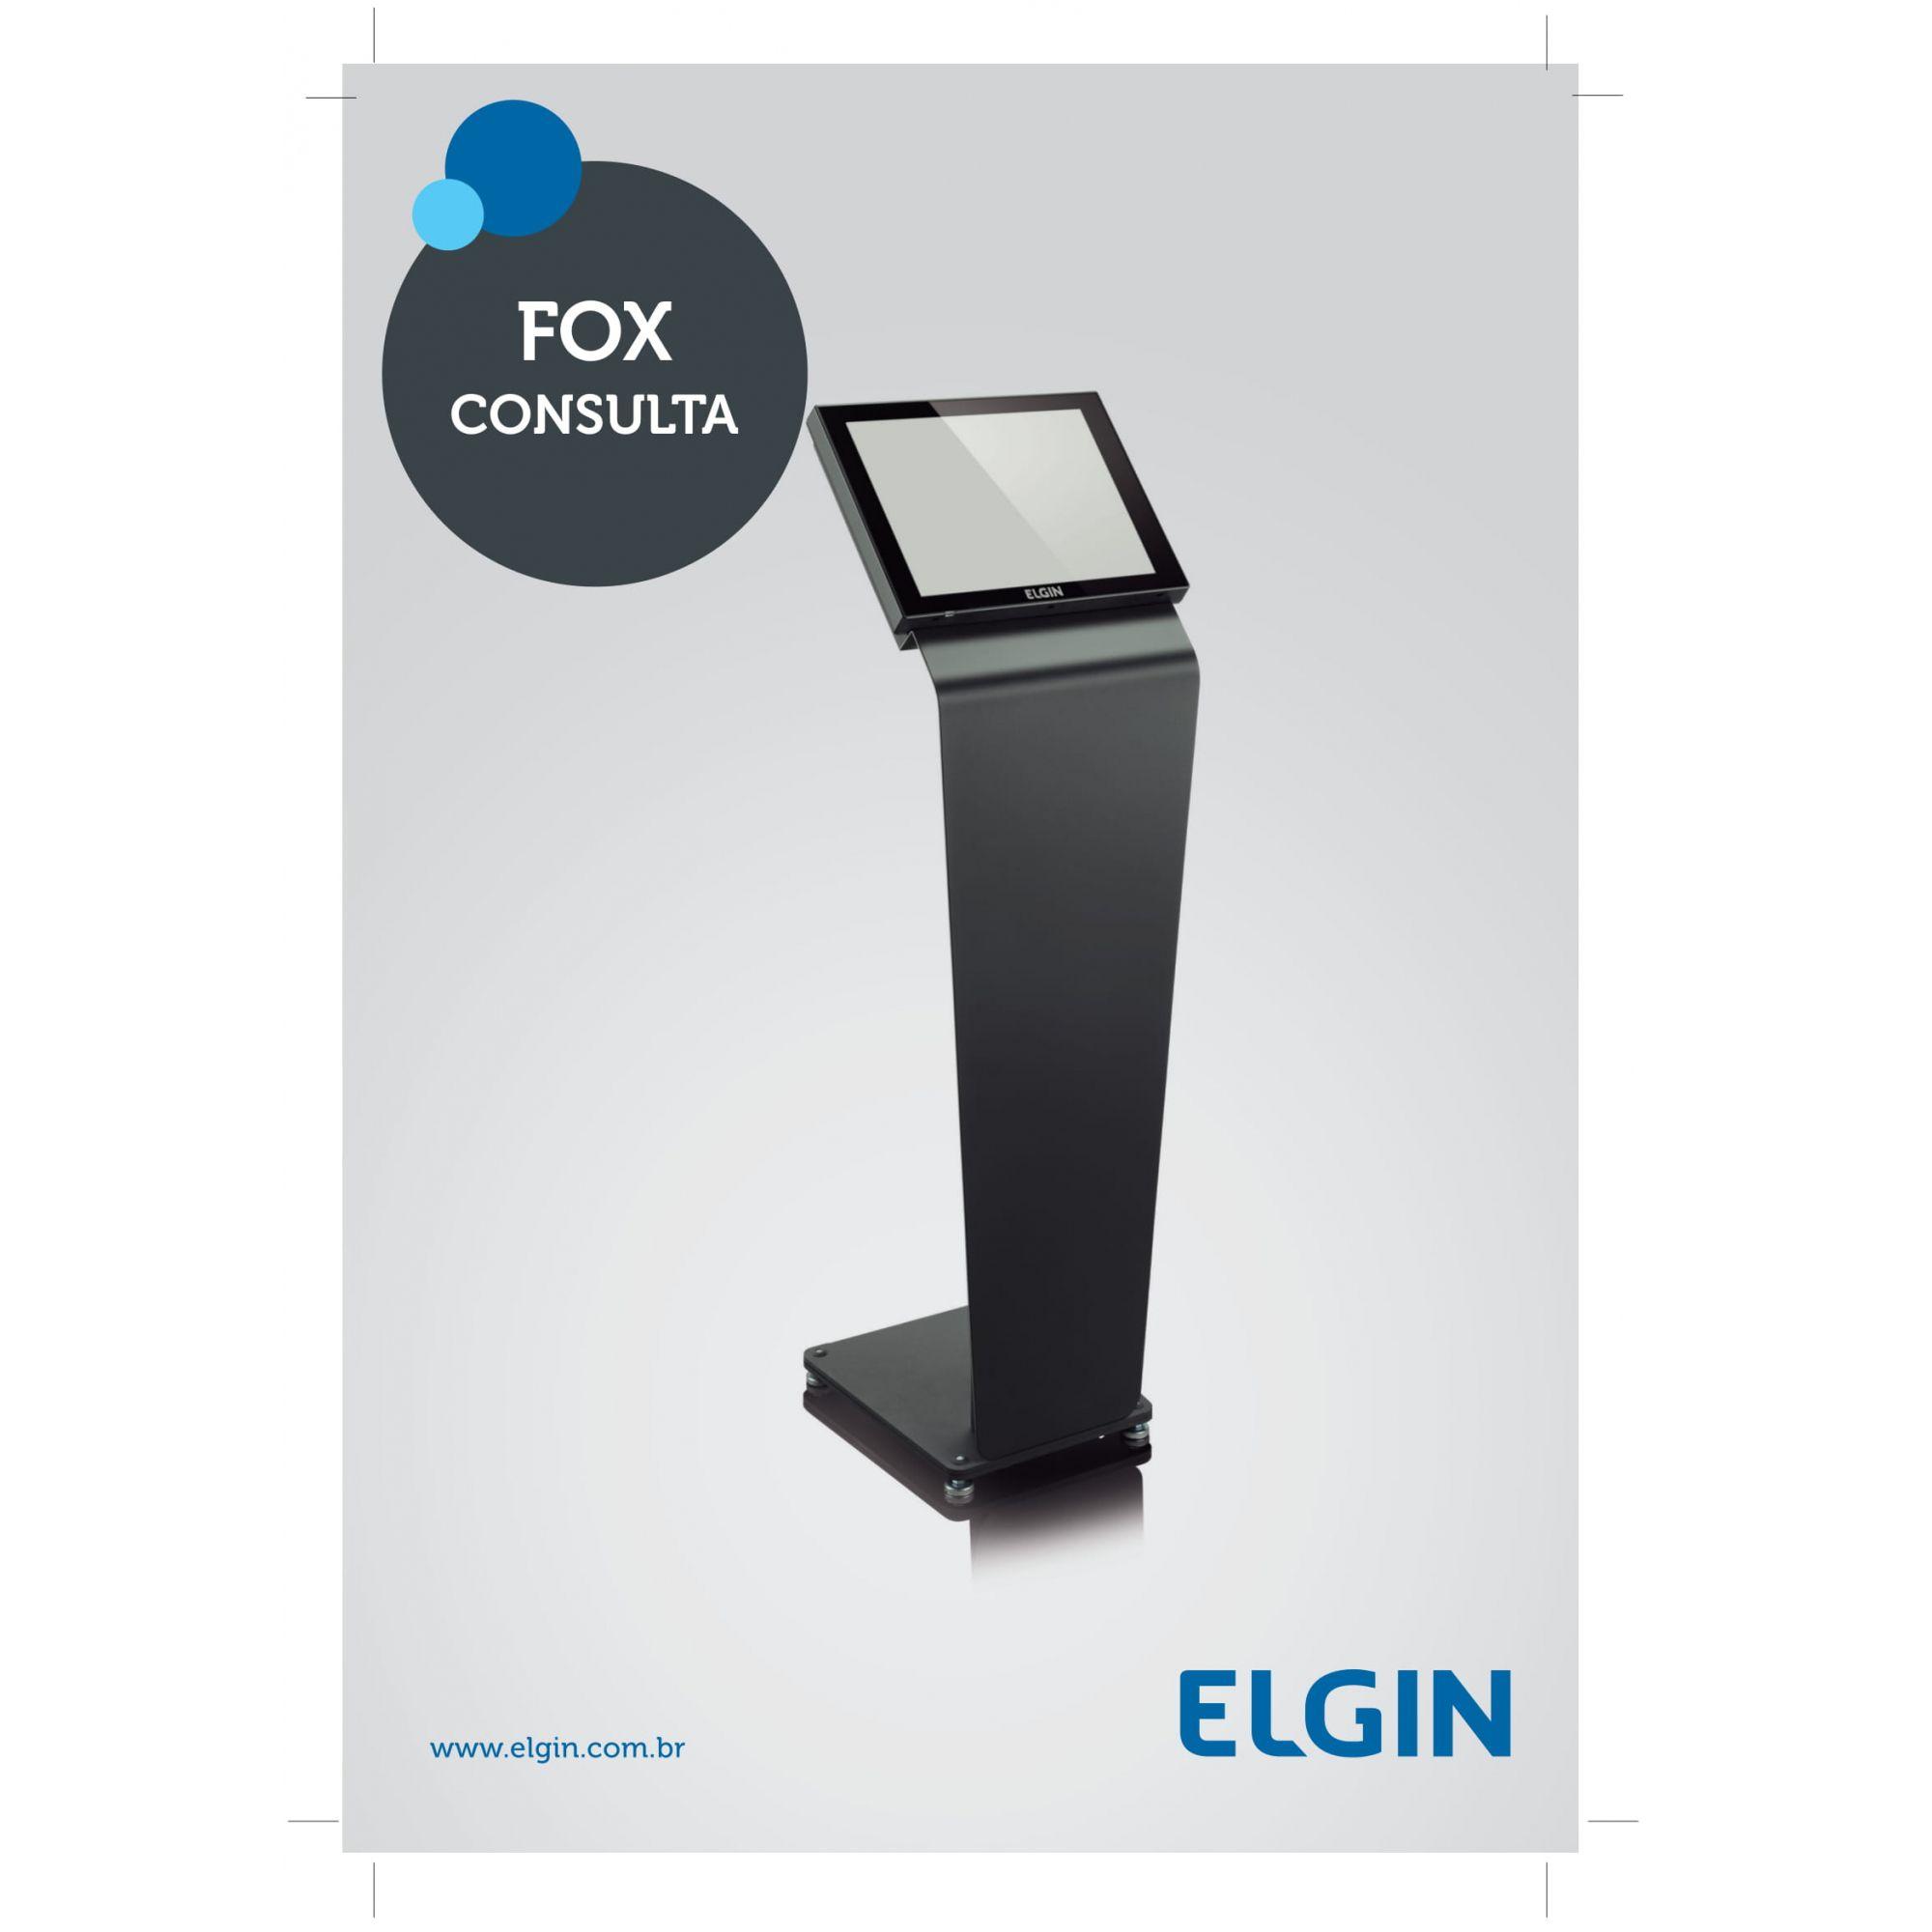 ELGIN FOX CONSULTA